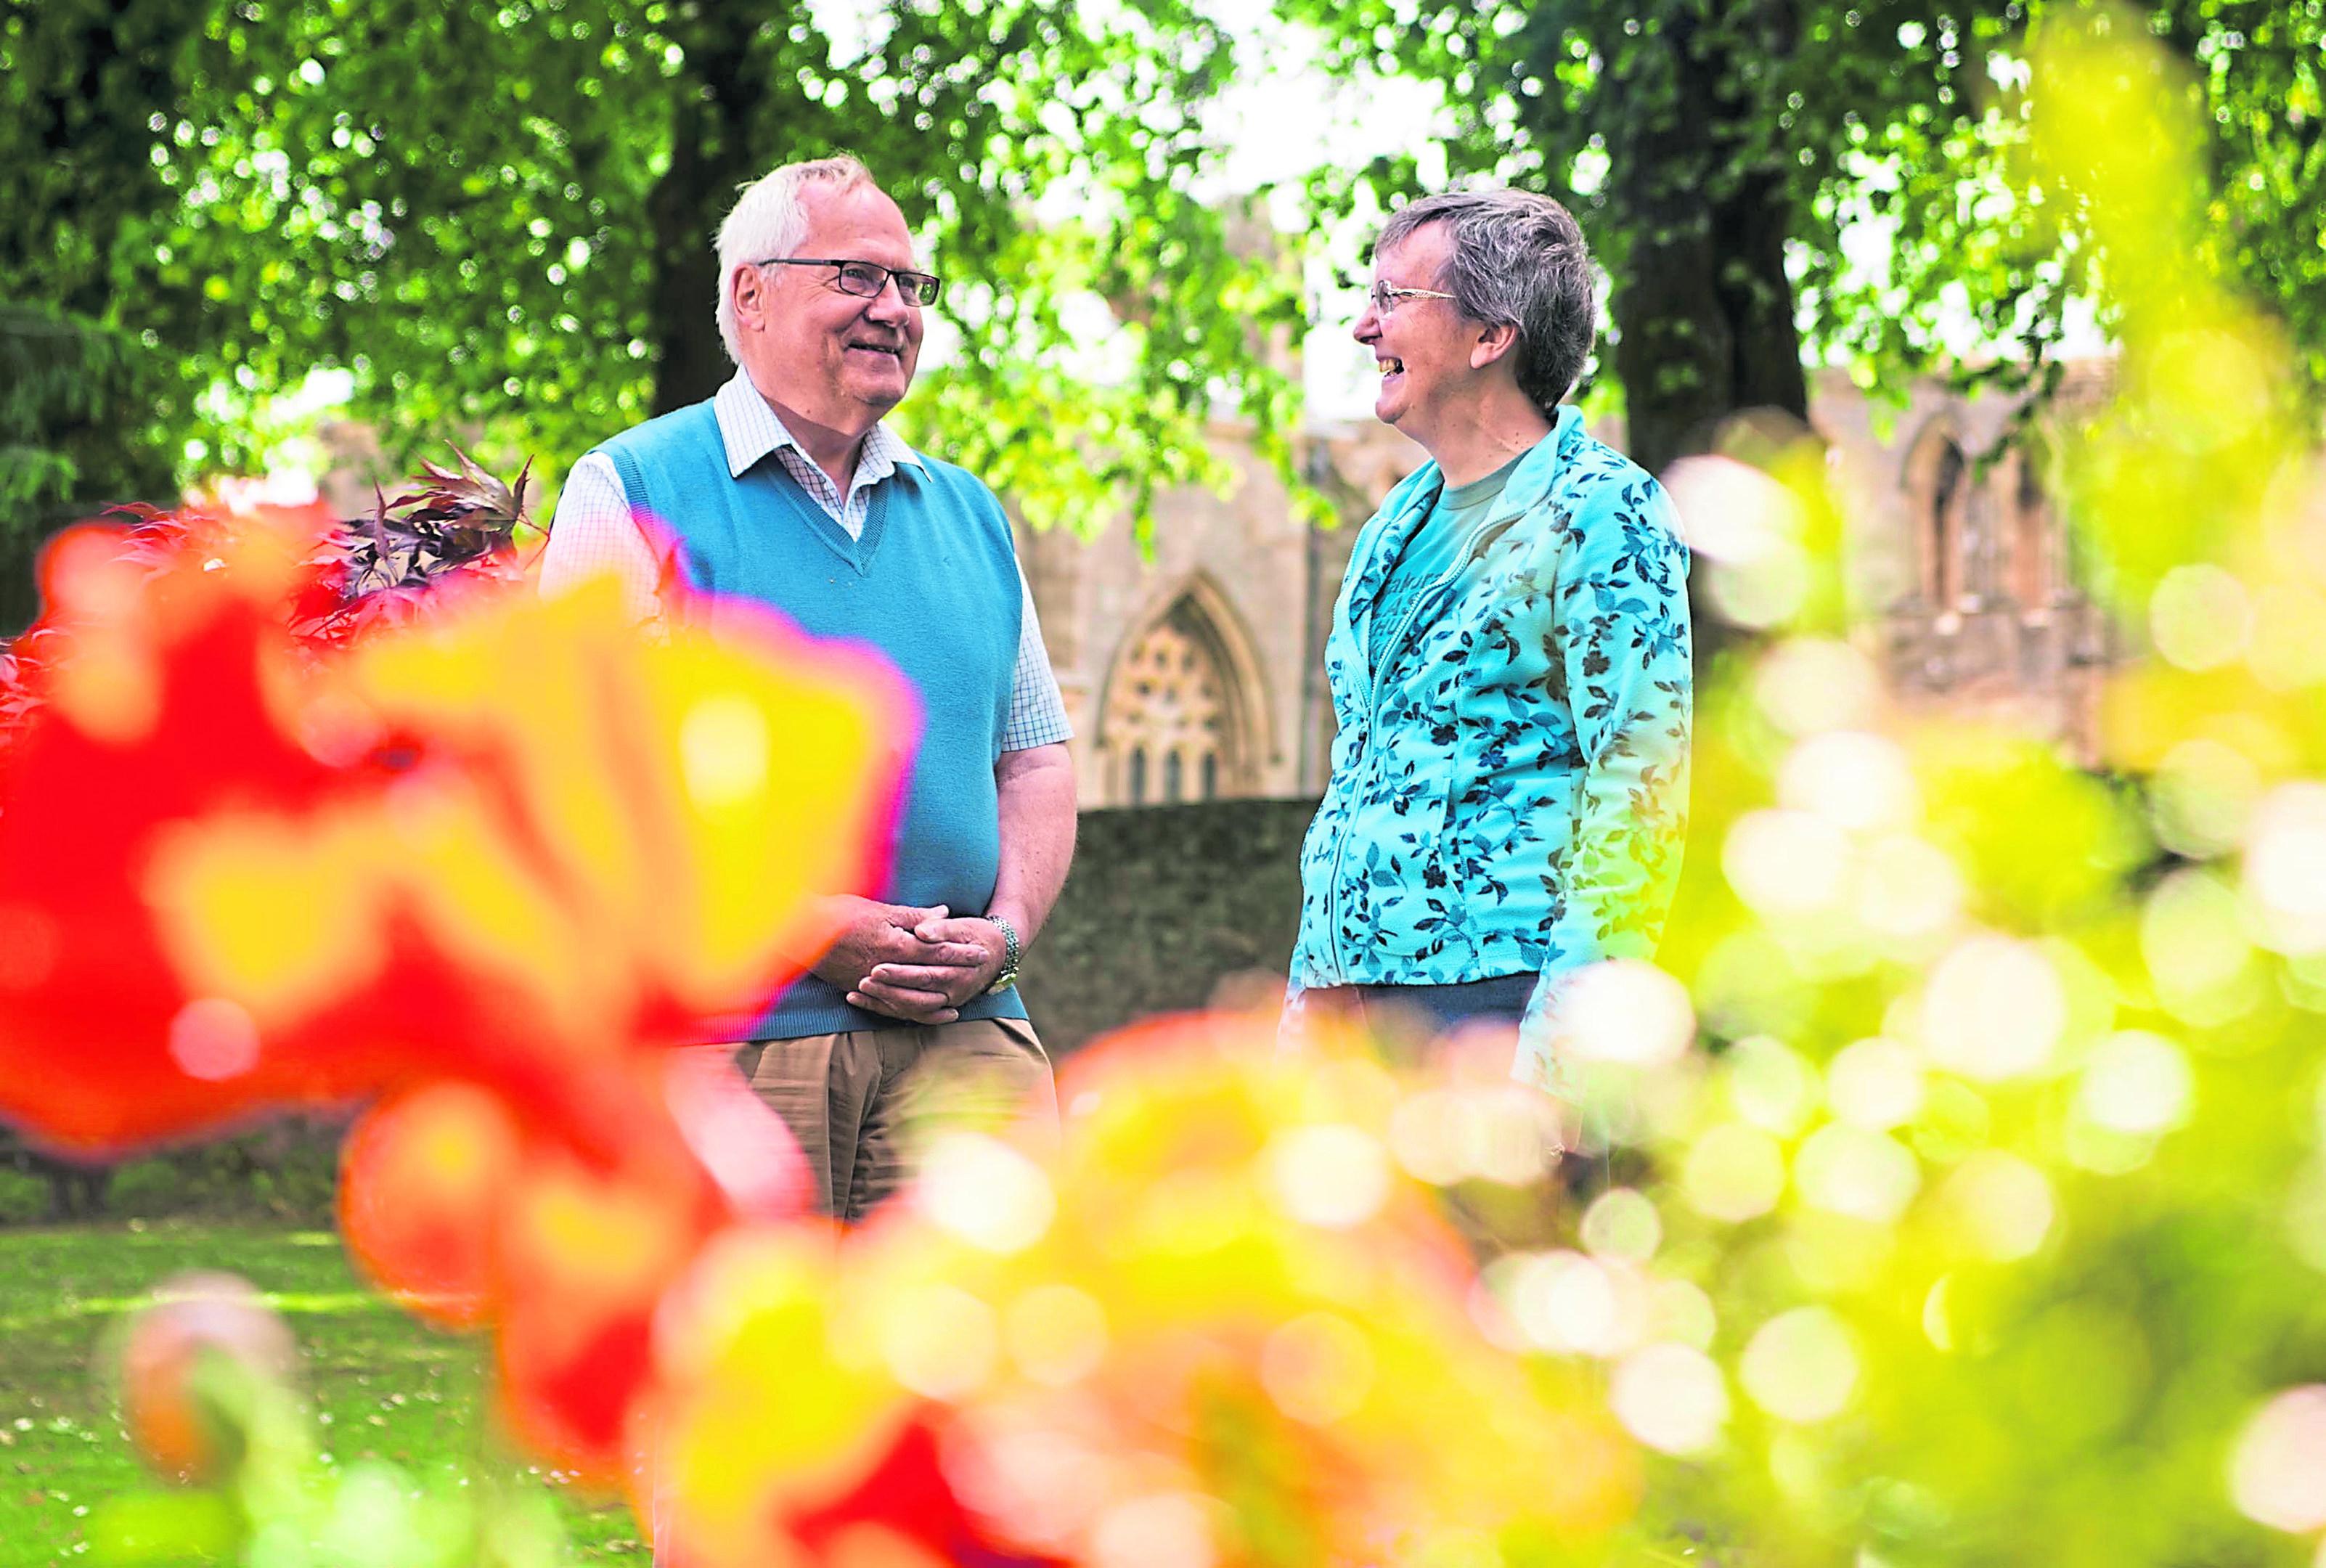 Maggie Sharp and John Sherry